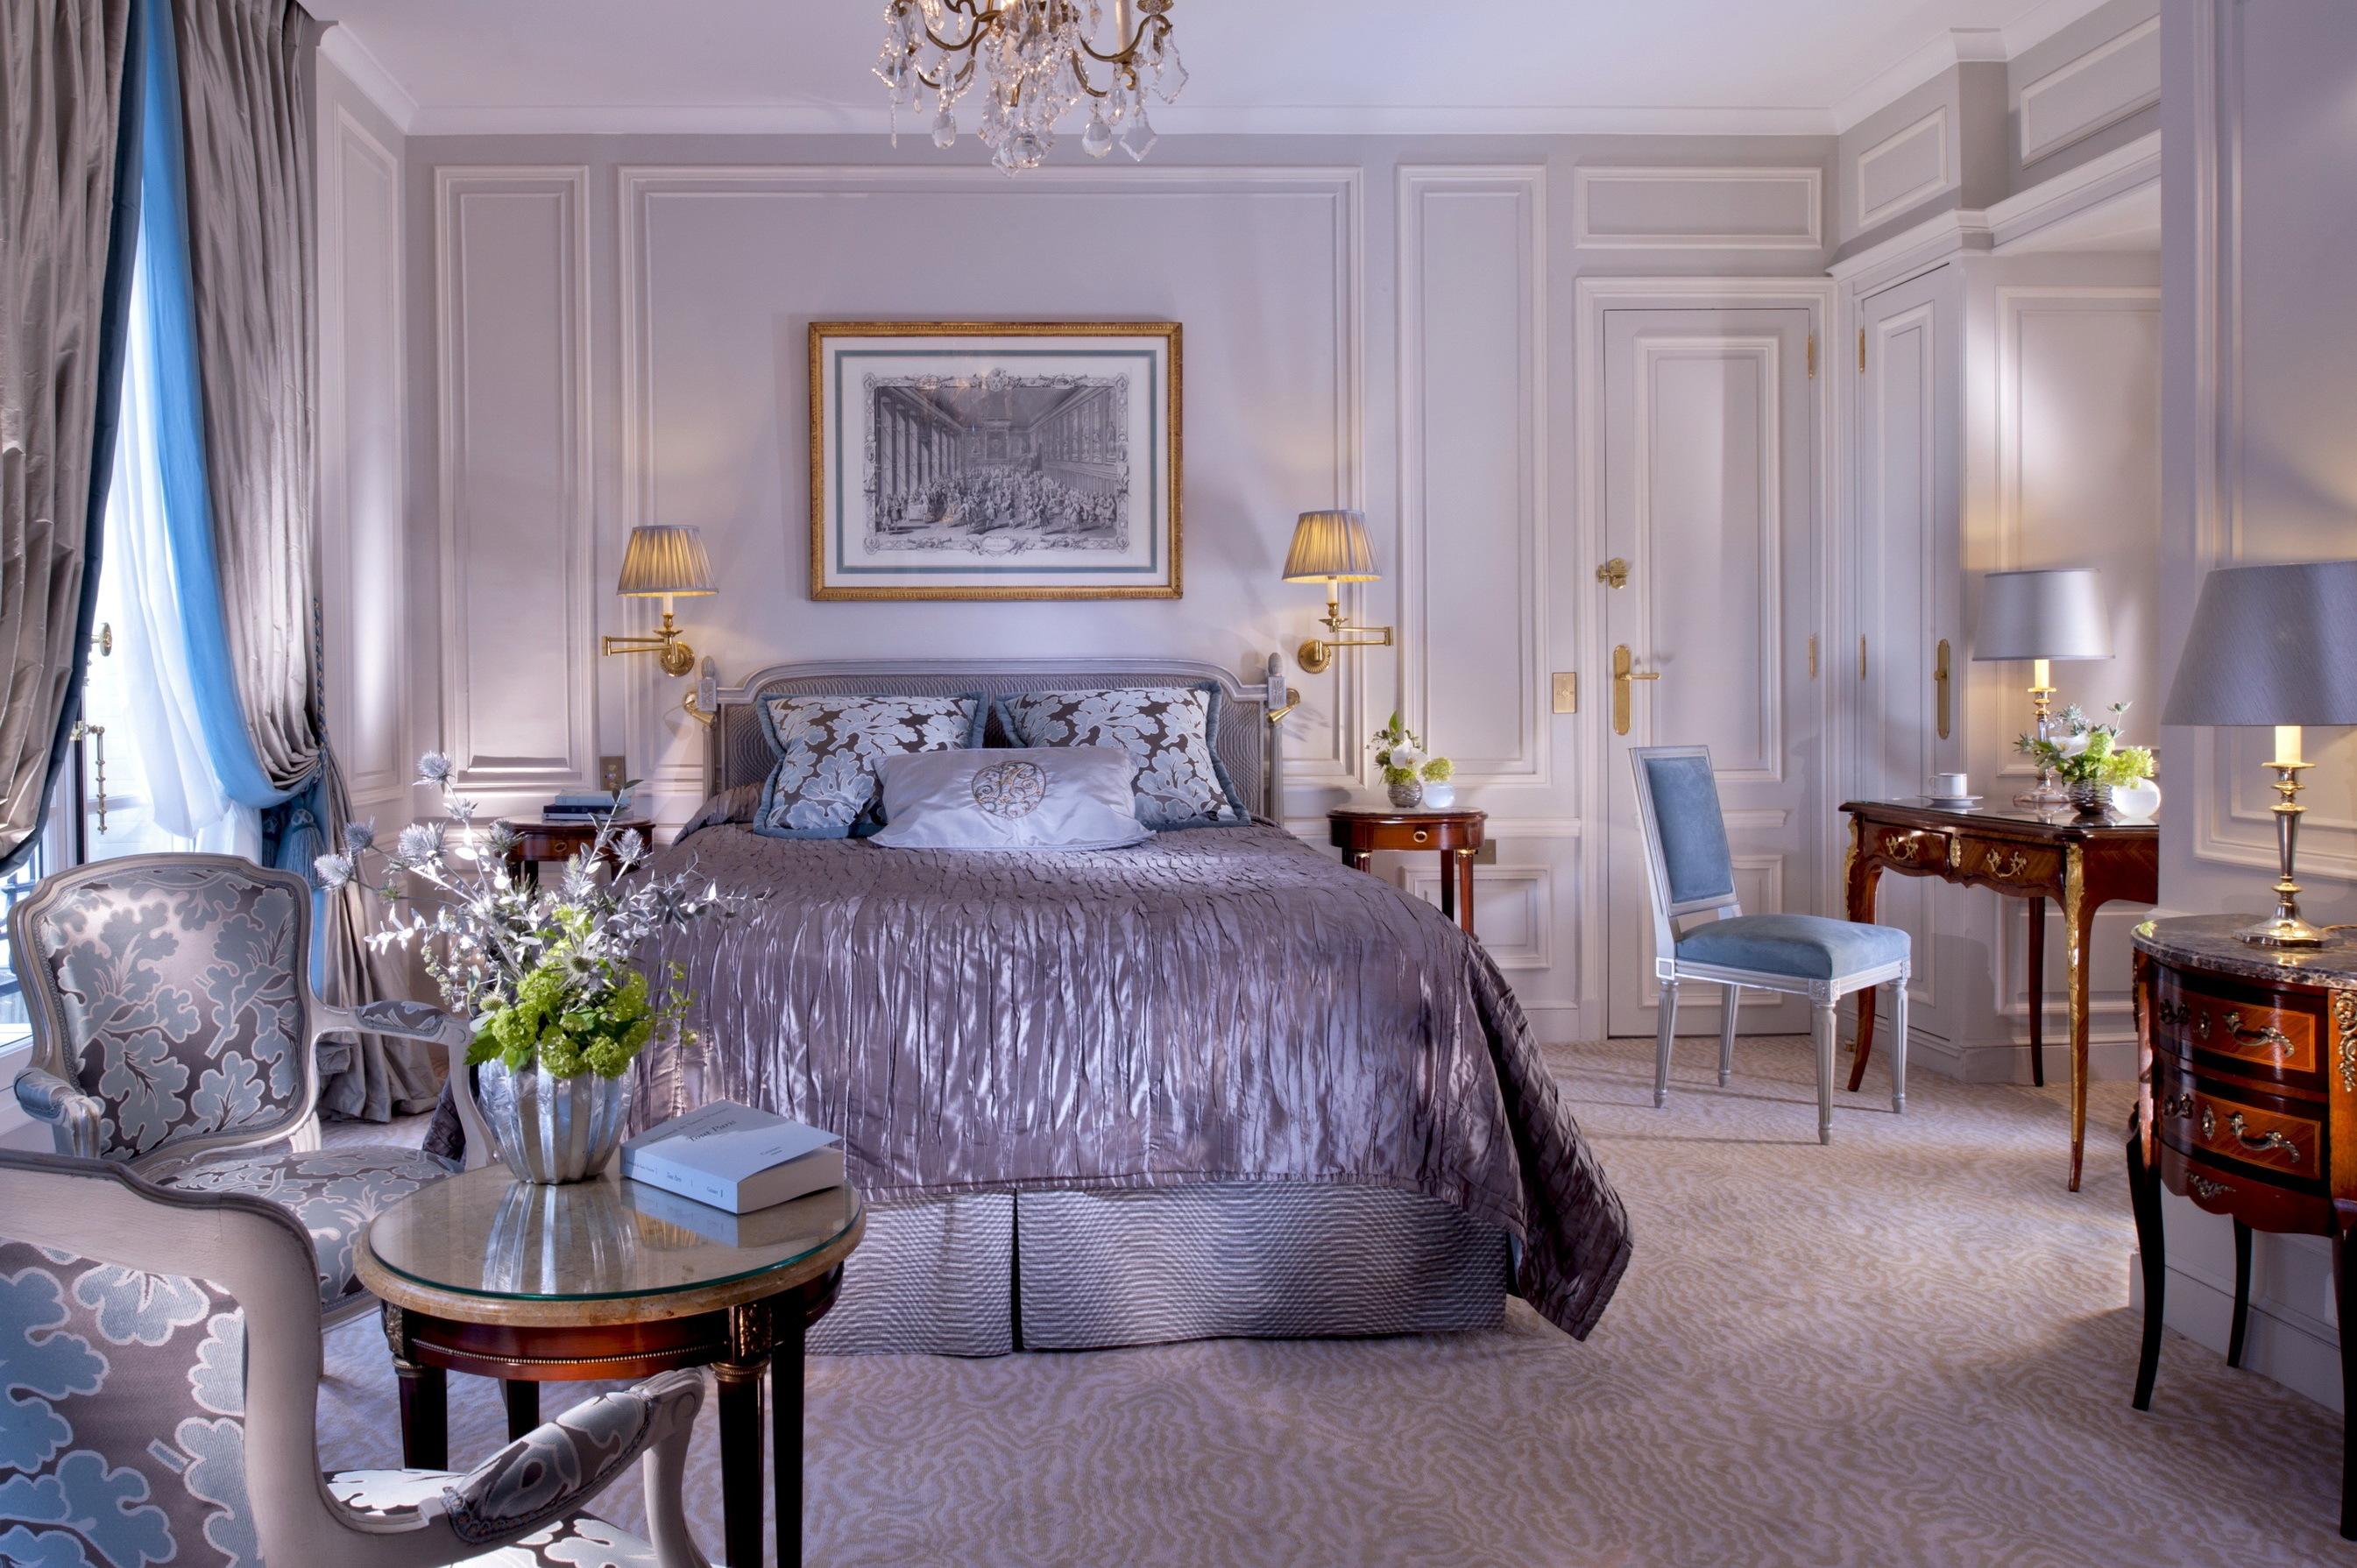 Интерьер спальня комната кровать  № 3537244 без смс